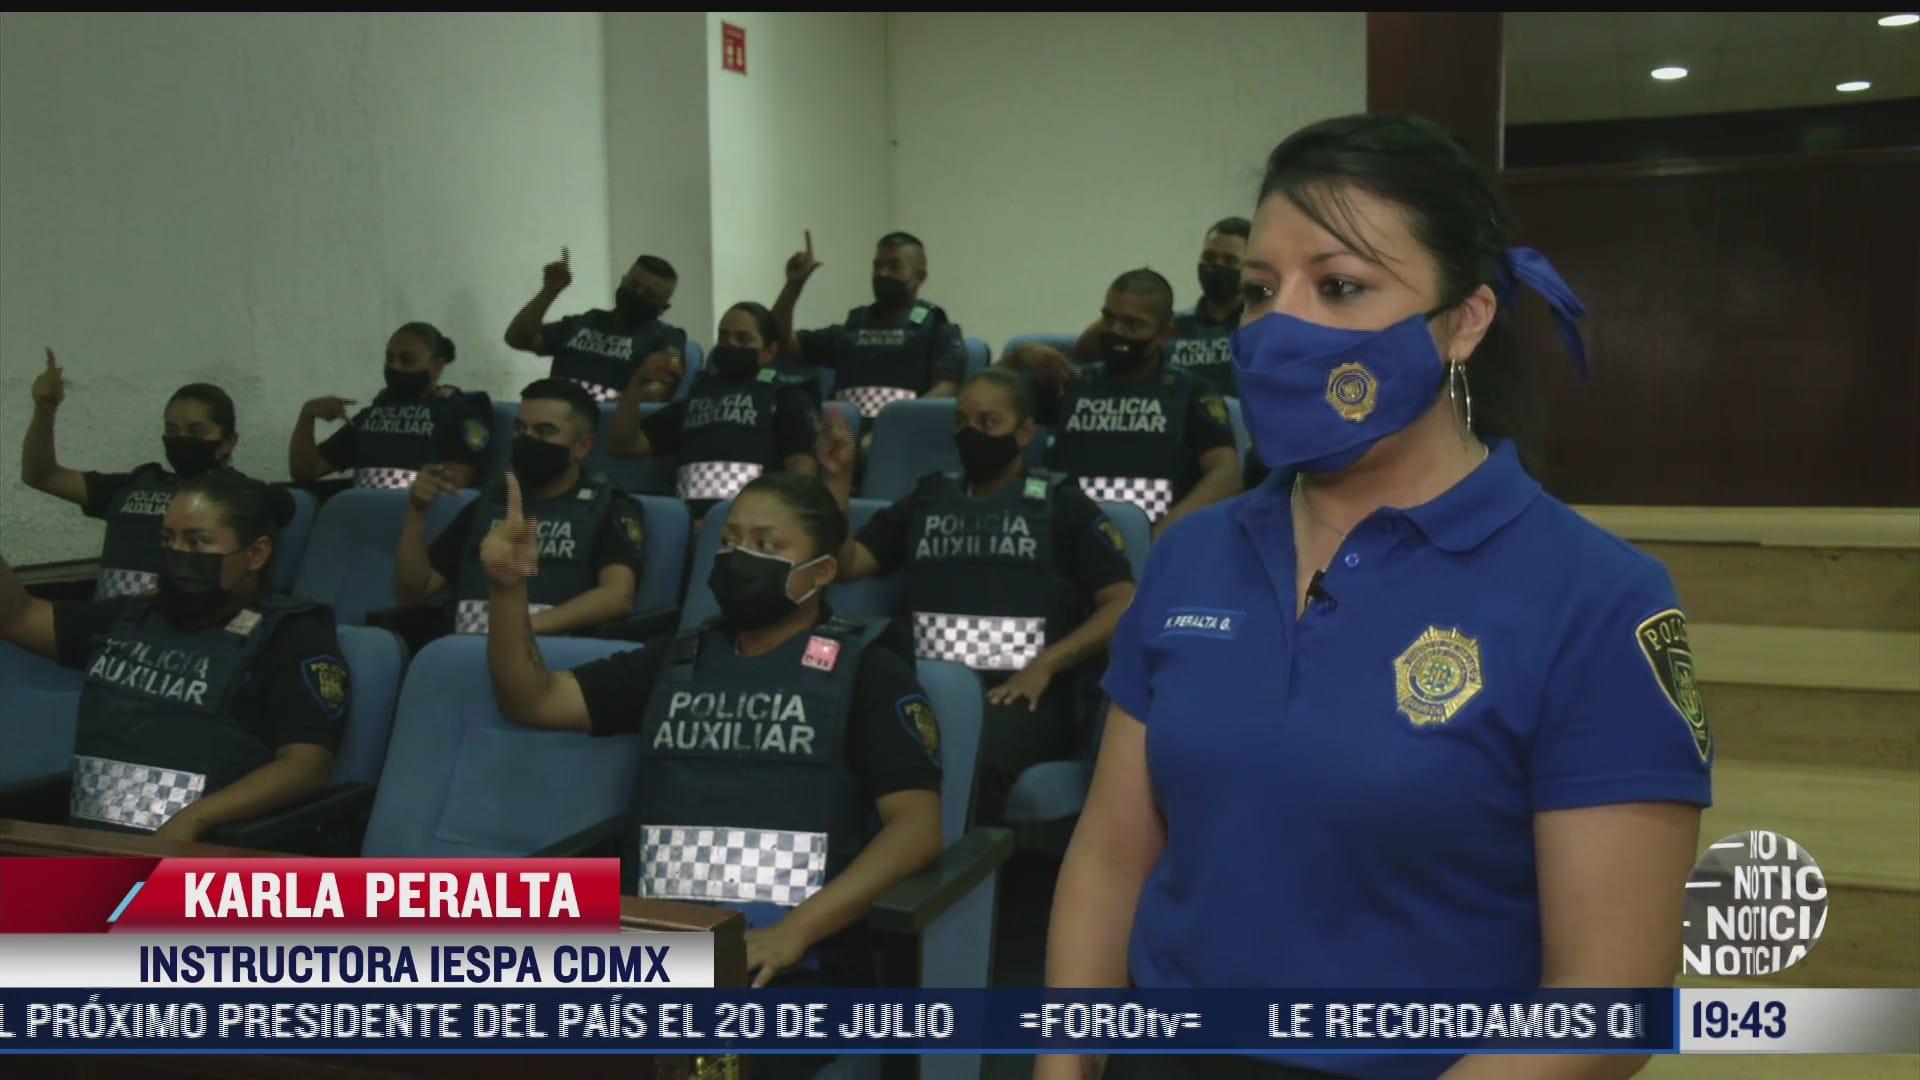 imparten taller de lengua de senas para policias en cdmx